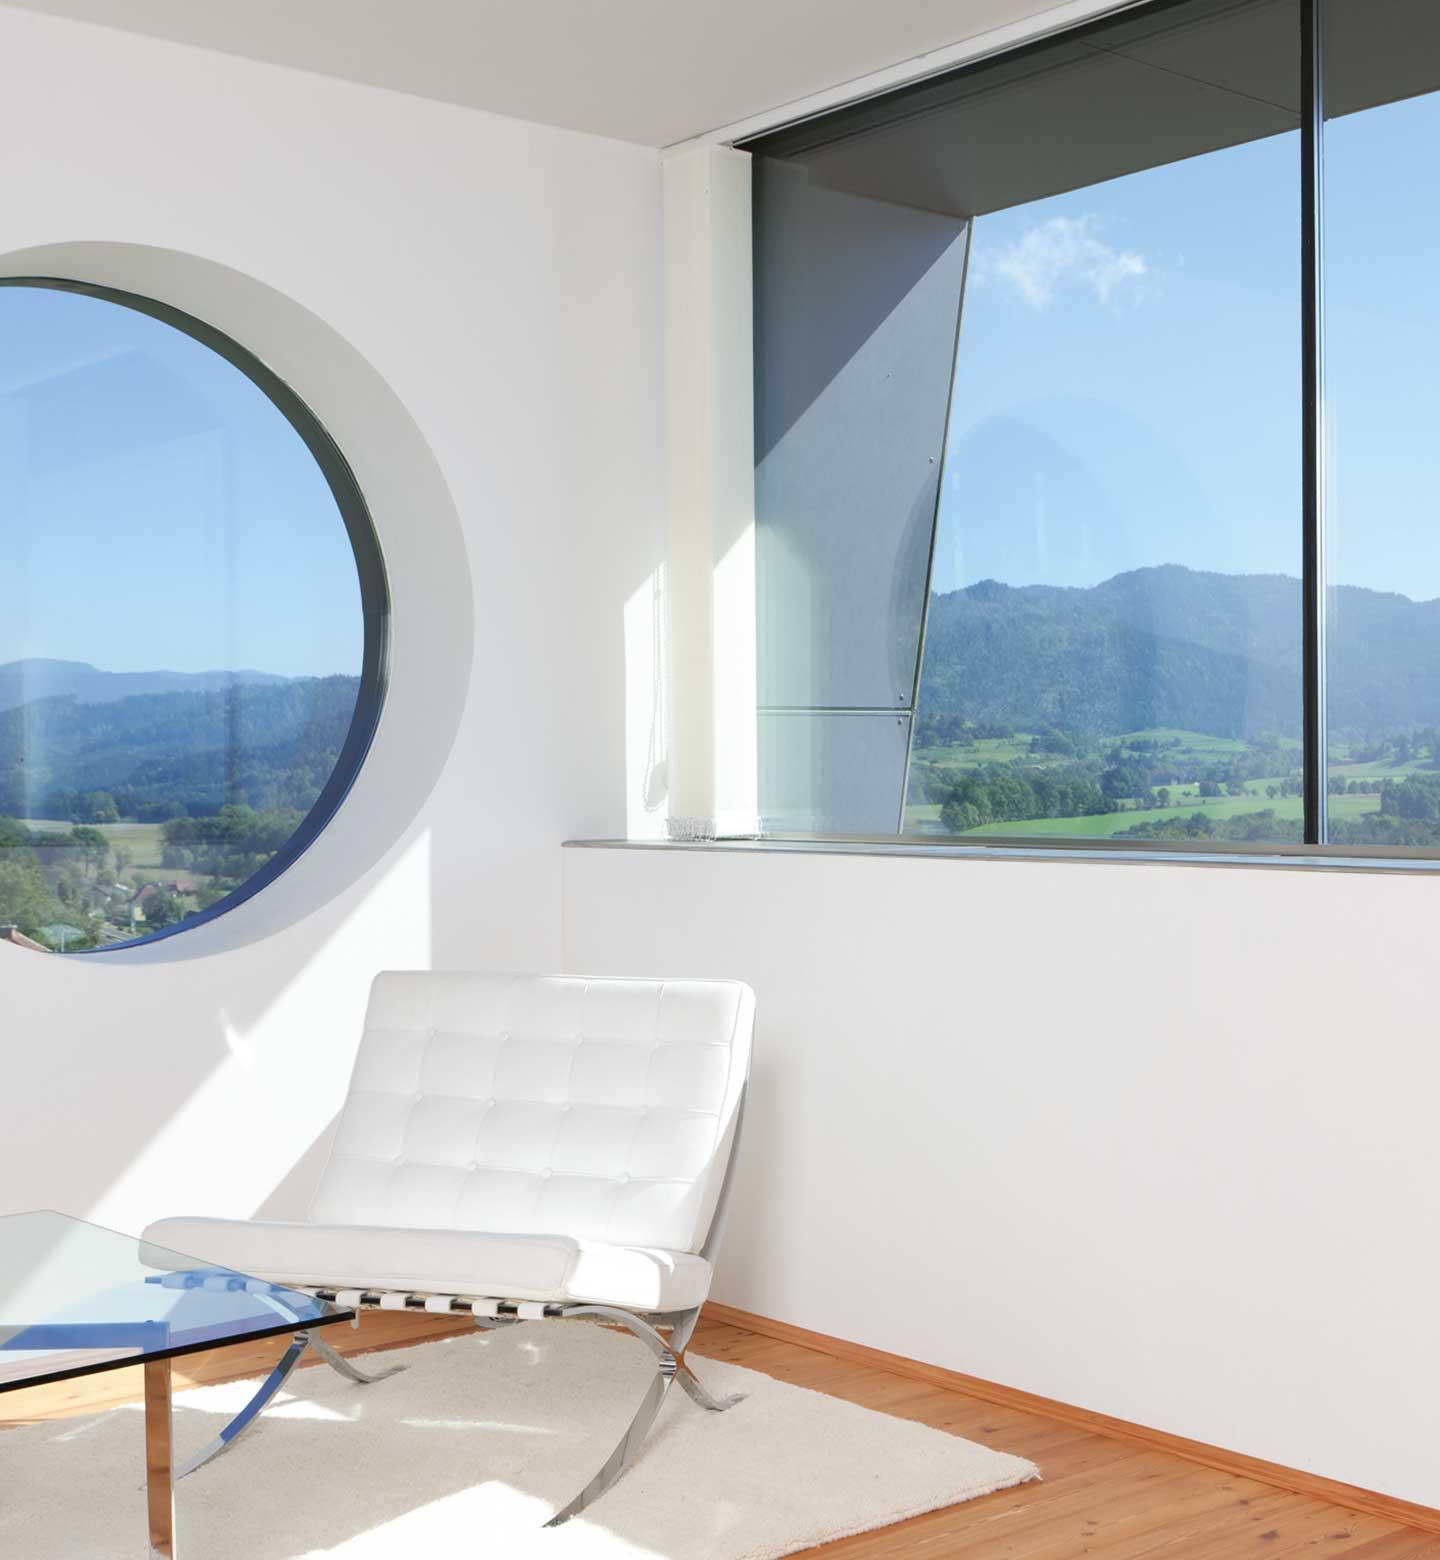 Modern round window